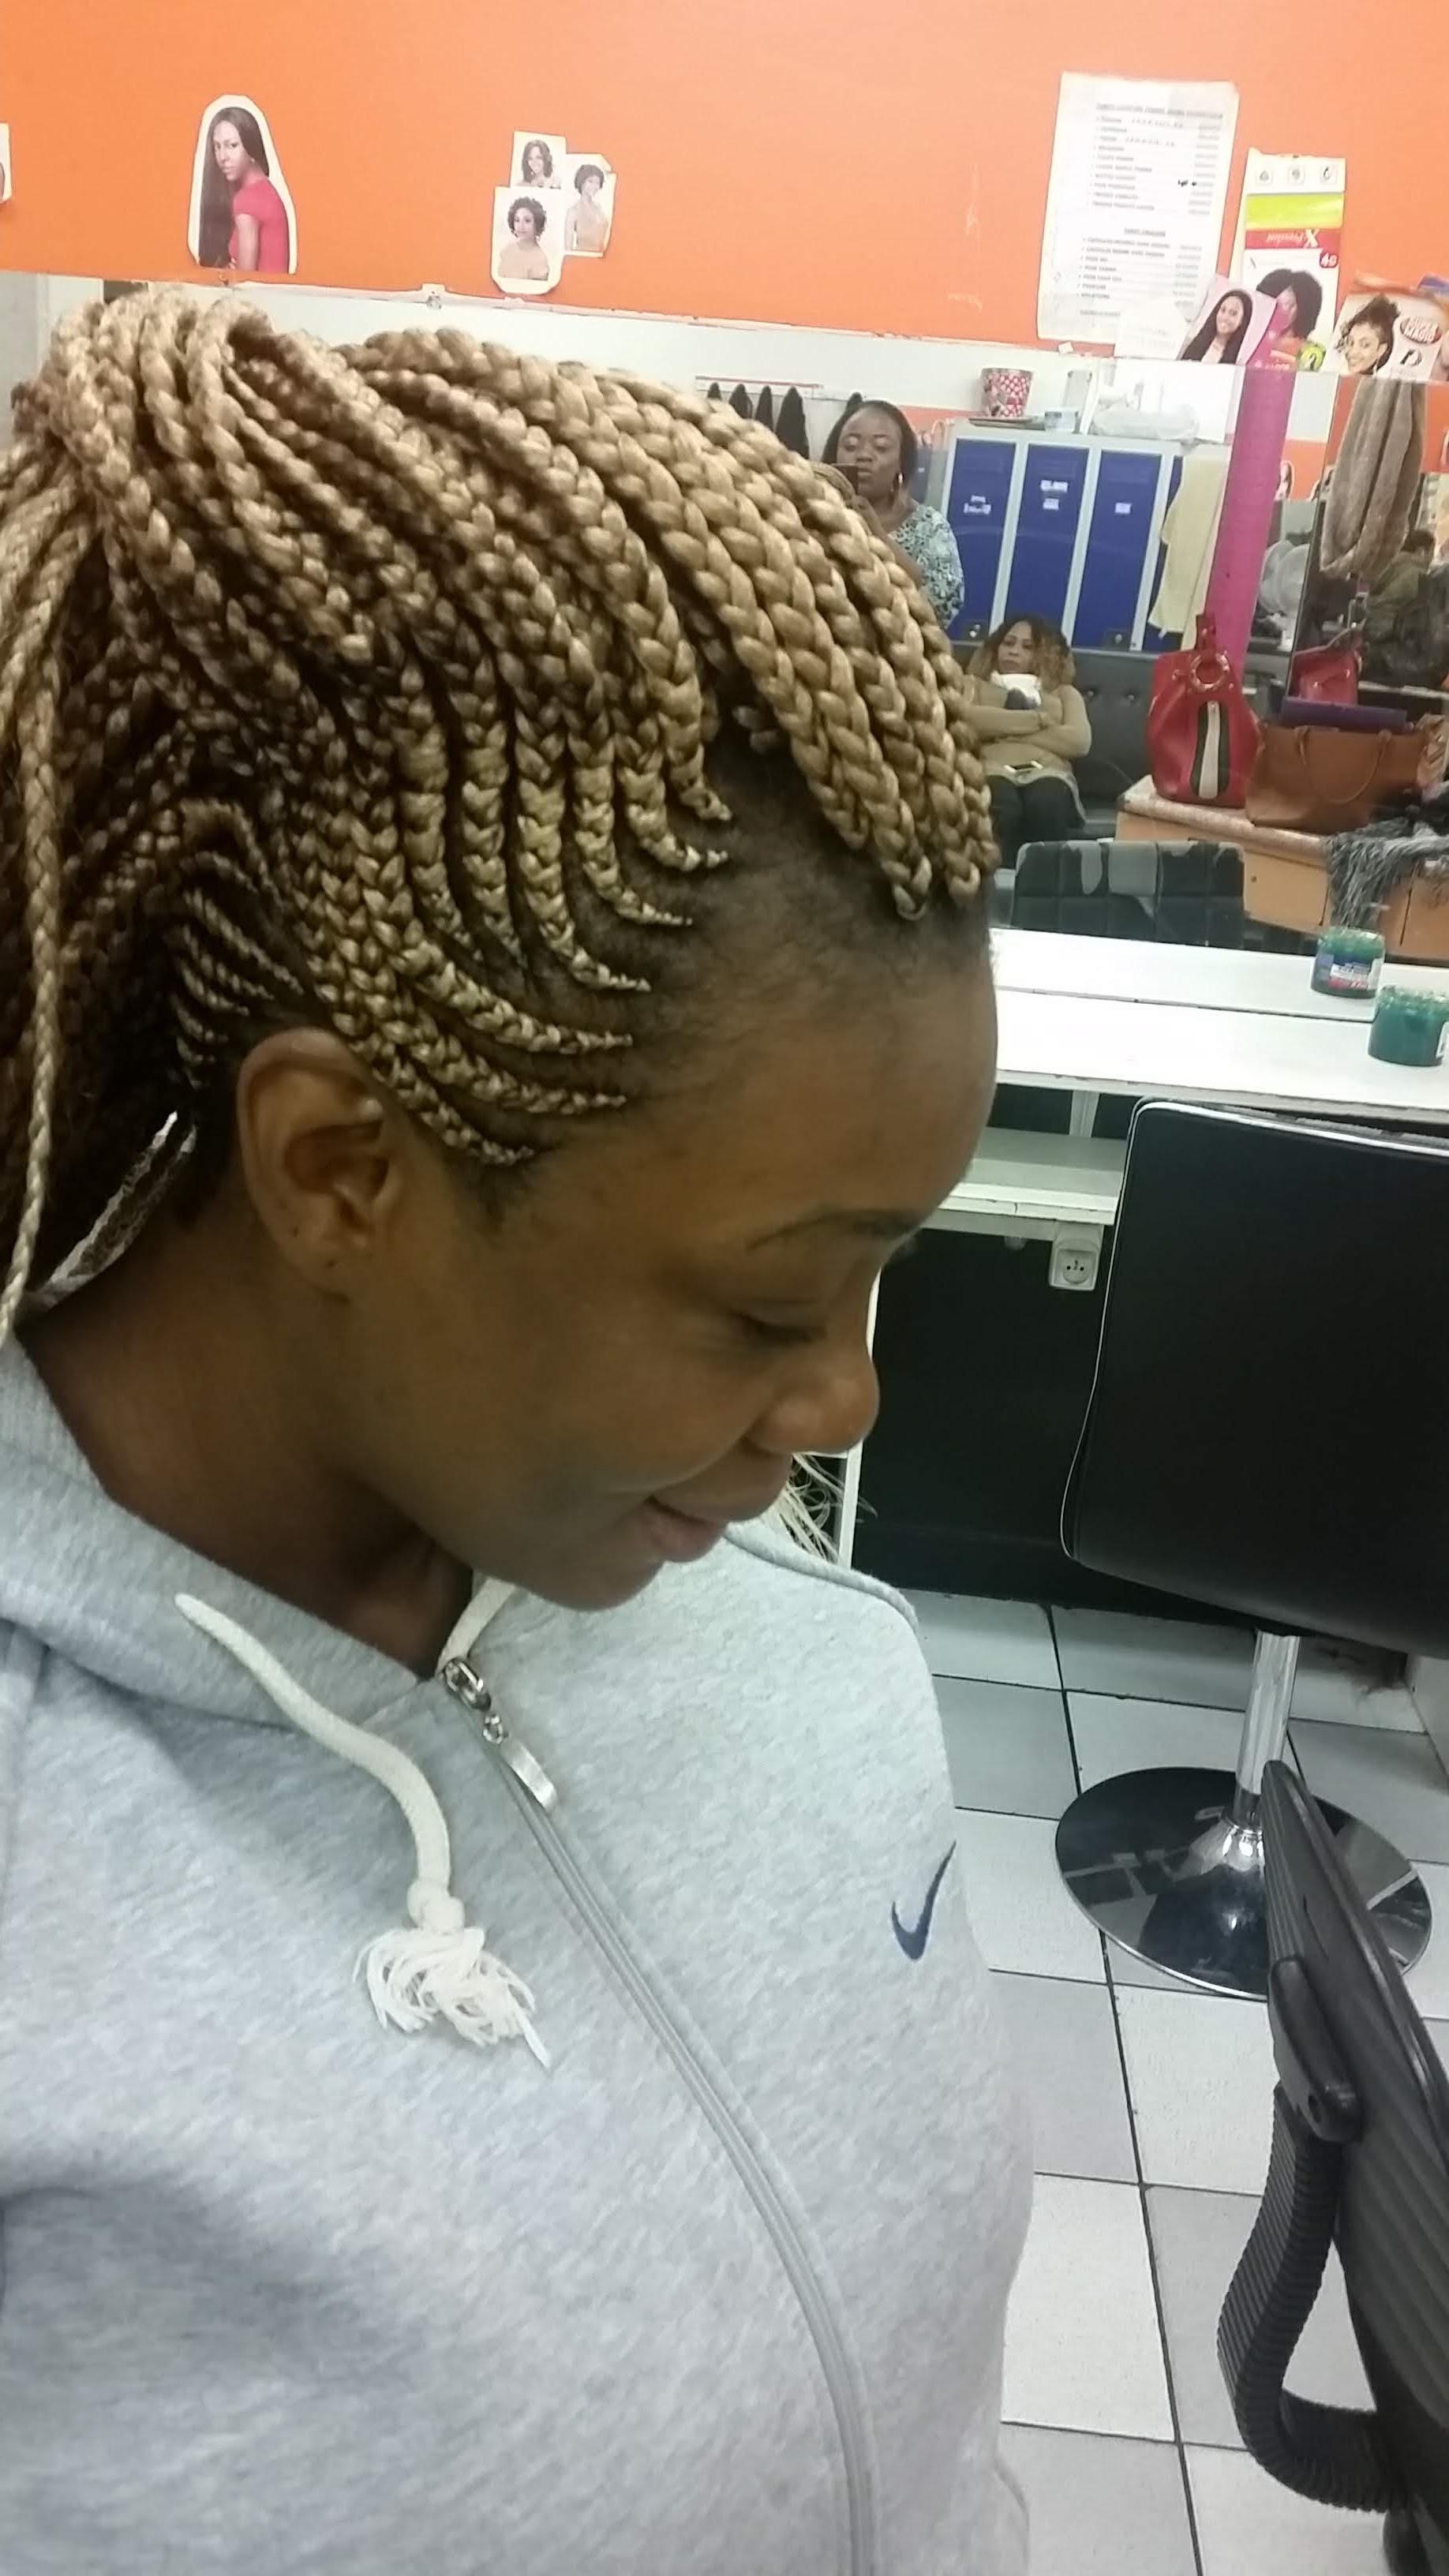 salon de coiffure afro tresse tresses box braids crochet braids vanilles tissages paris 75 77 78 91 92 93 94 95 MCNIGGUH